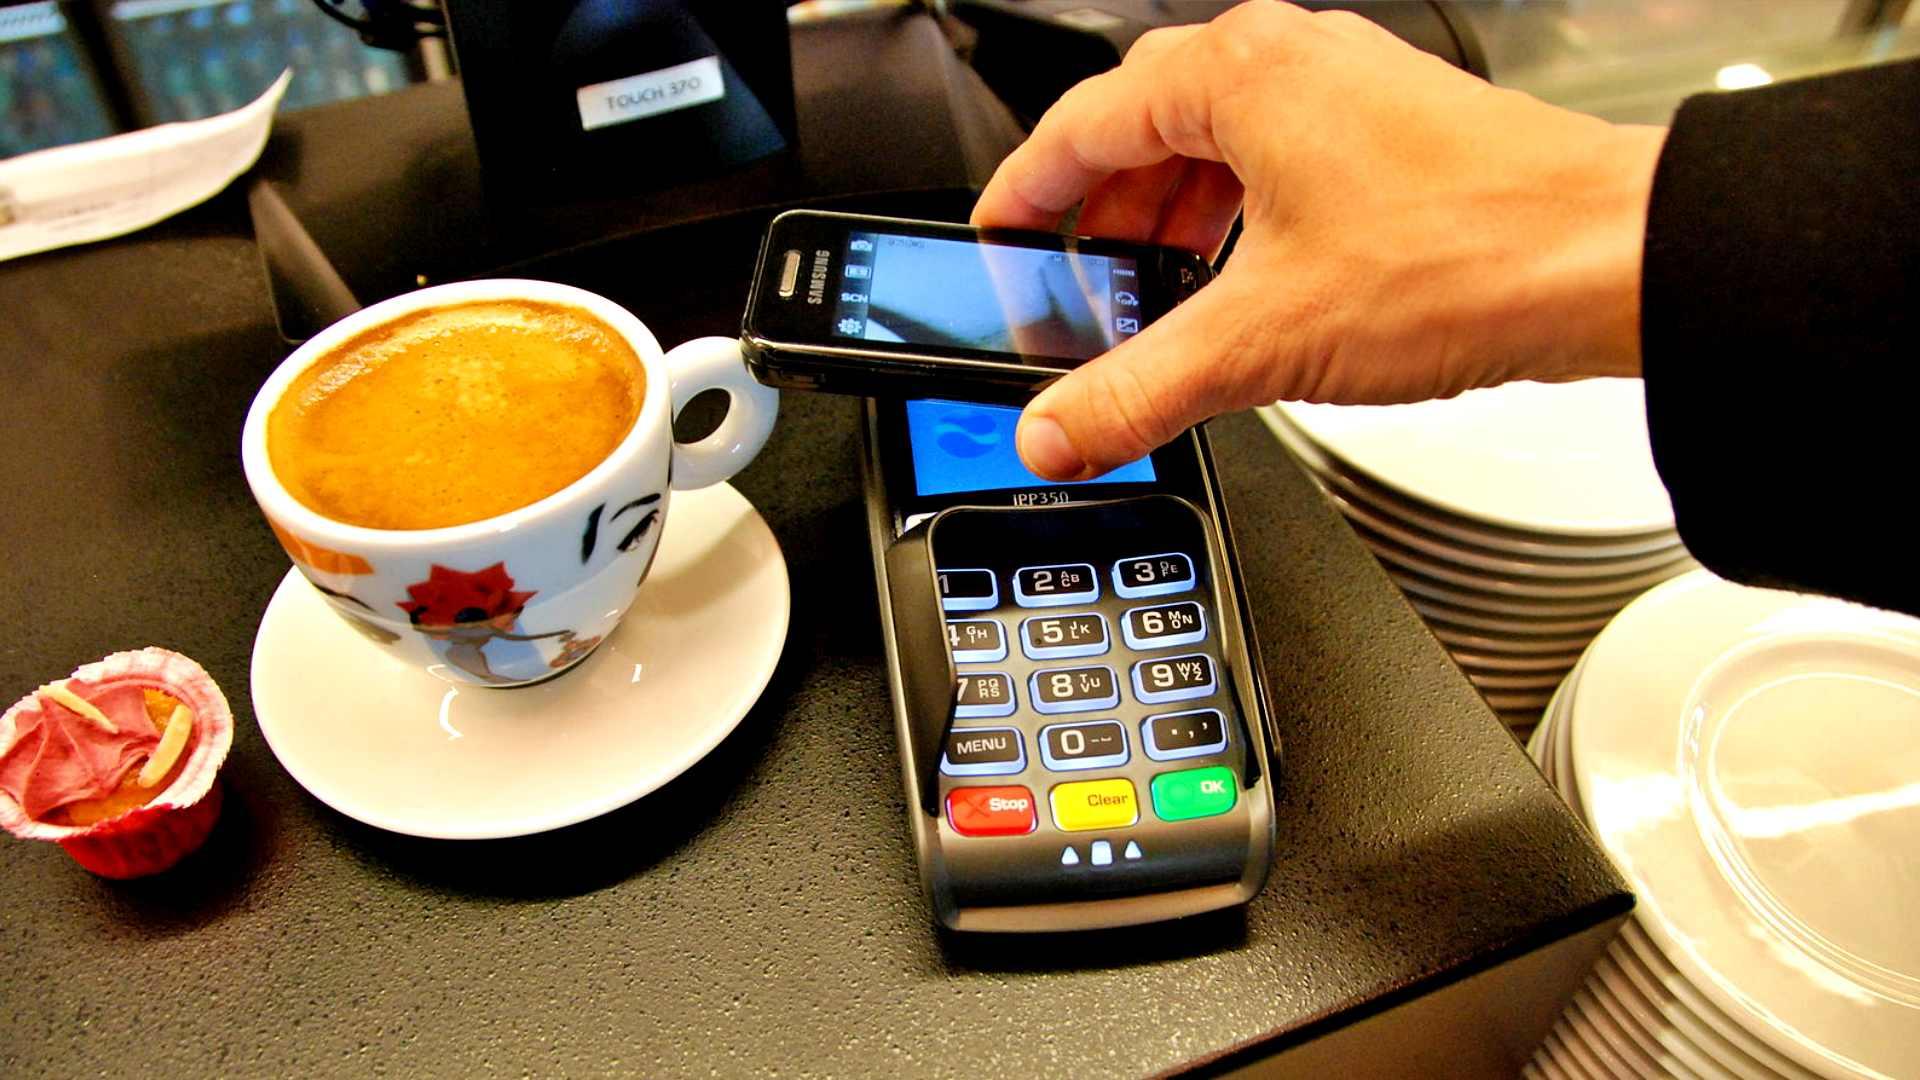 mobilfizetes mobil penztarca digital wallet